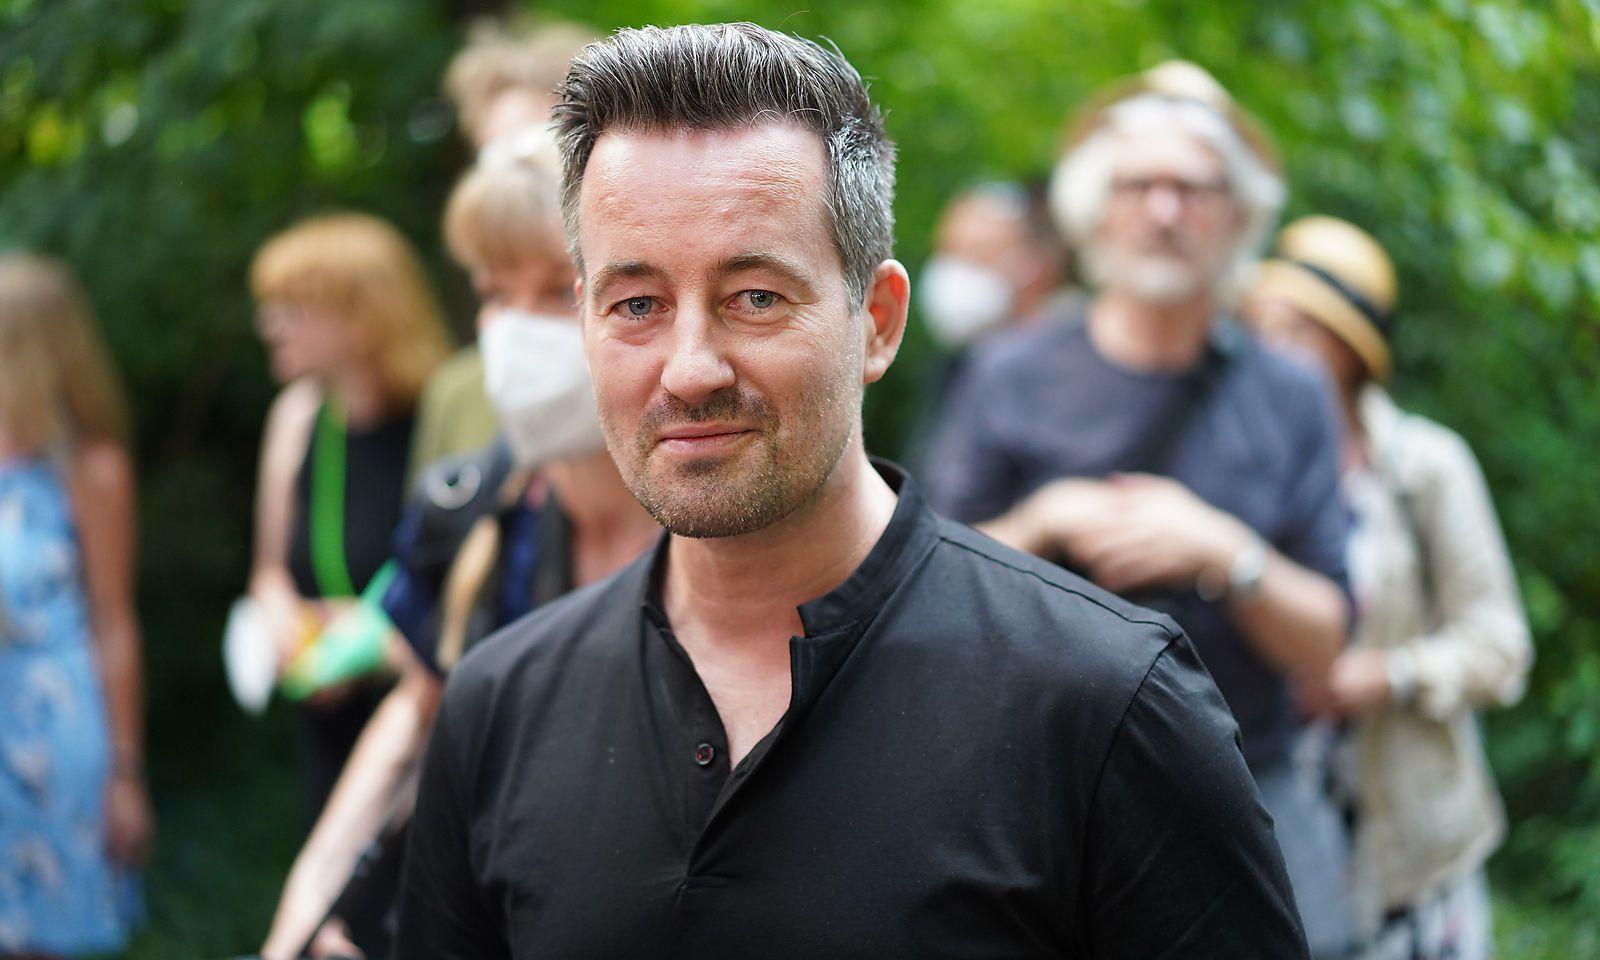 """Regisseur Christian Schwochow über die Neue Rechte: """"Da kommt etwas auf uns zu"""" [premium]"""